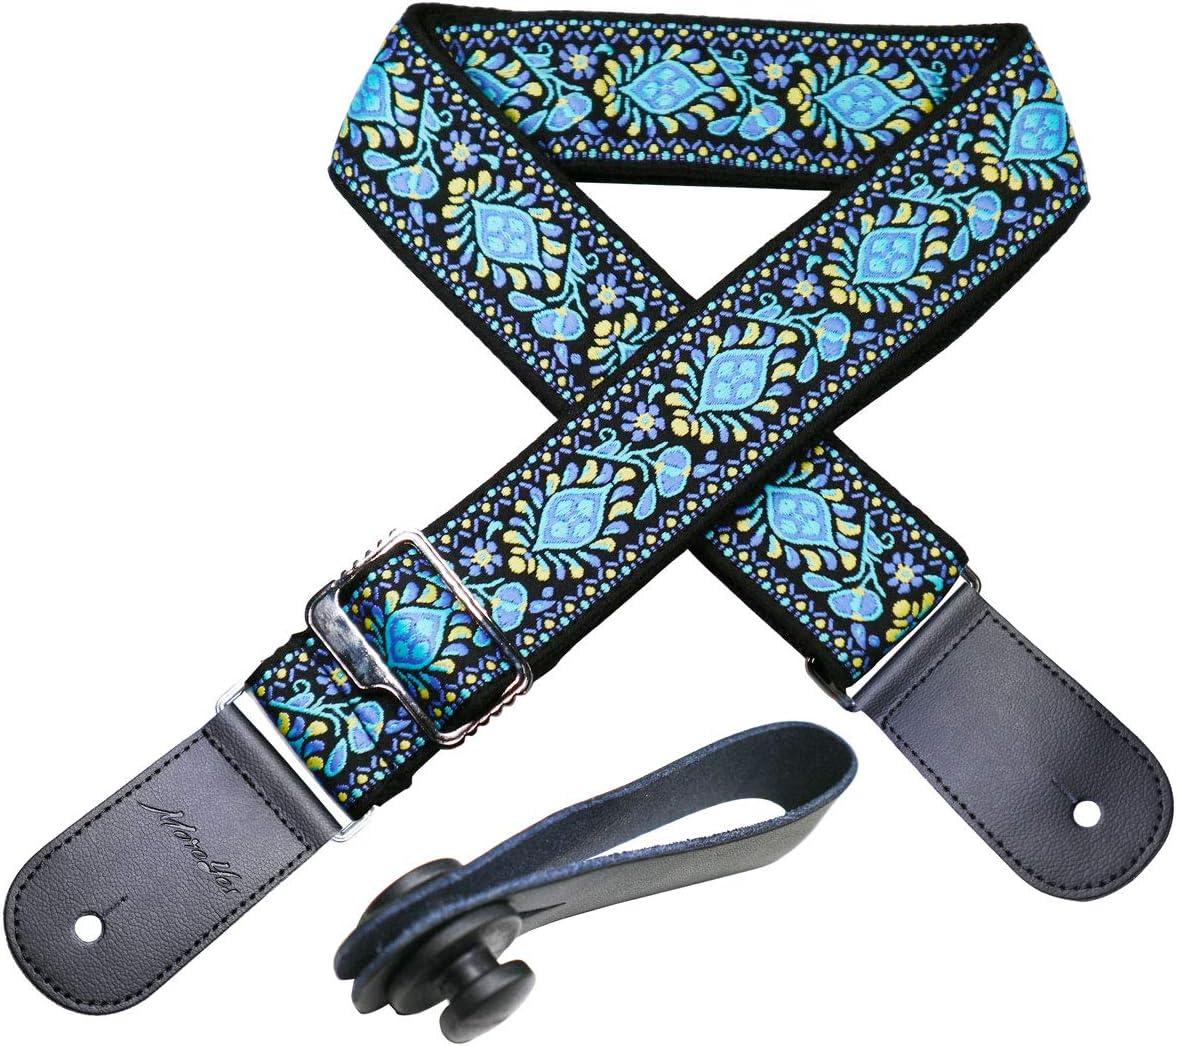 MOREYES Correa de guitarra Correas de piel auténtica Jacquard Weave Correa para bajos, guitarras eléctricas y acústicas (azul)